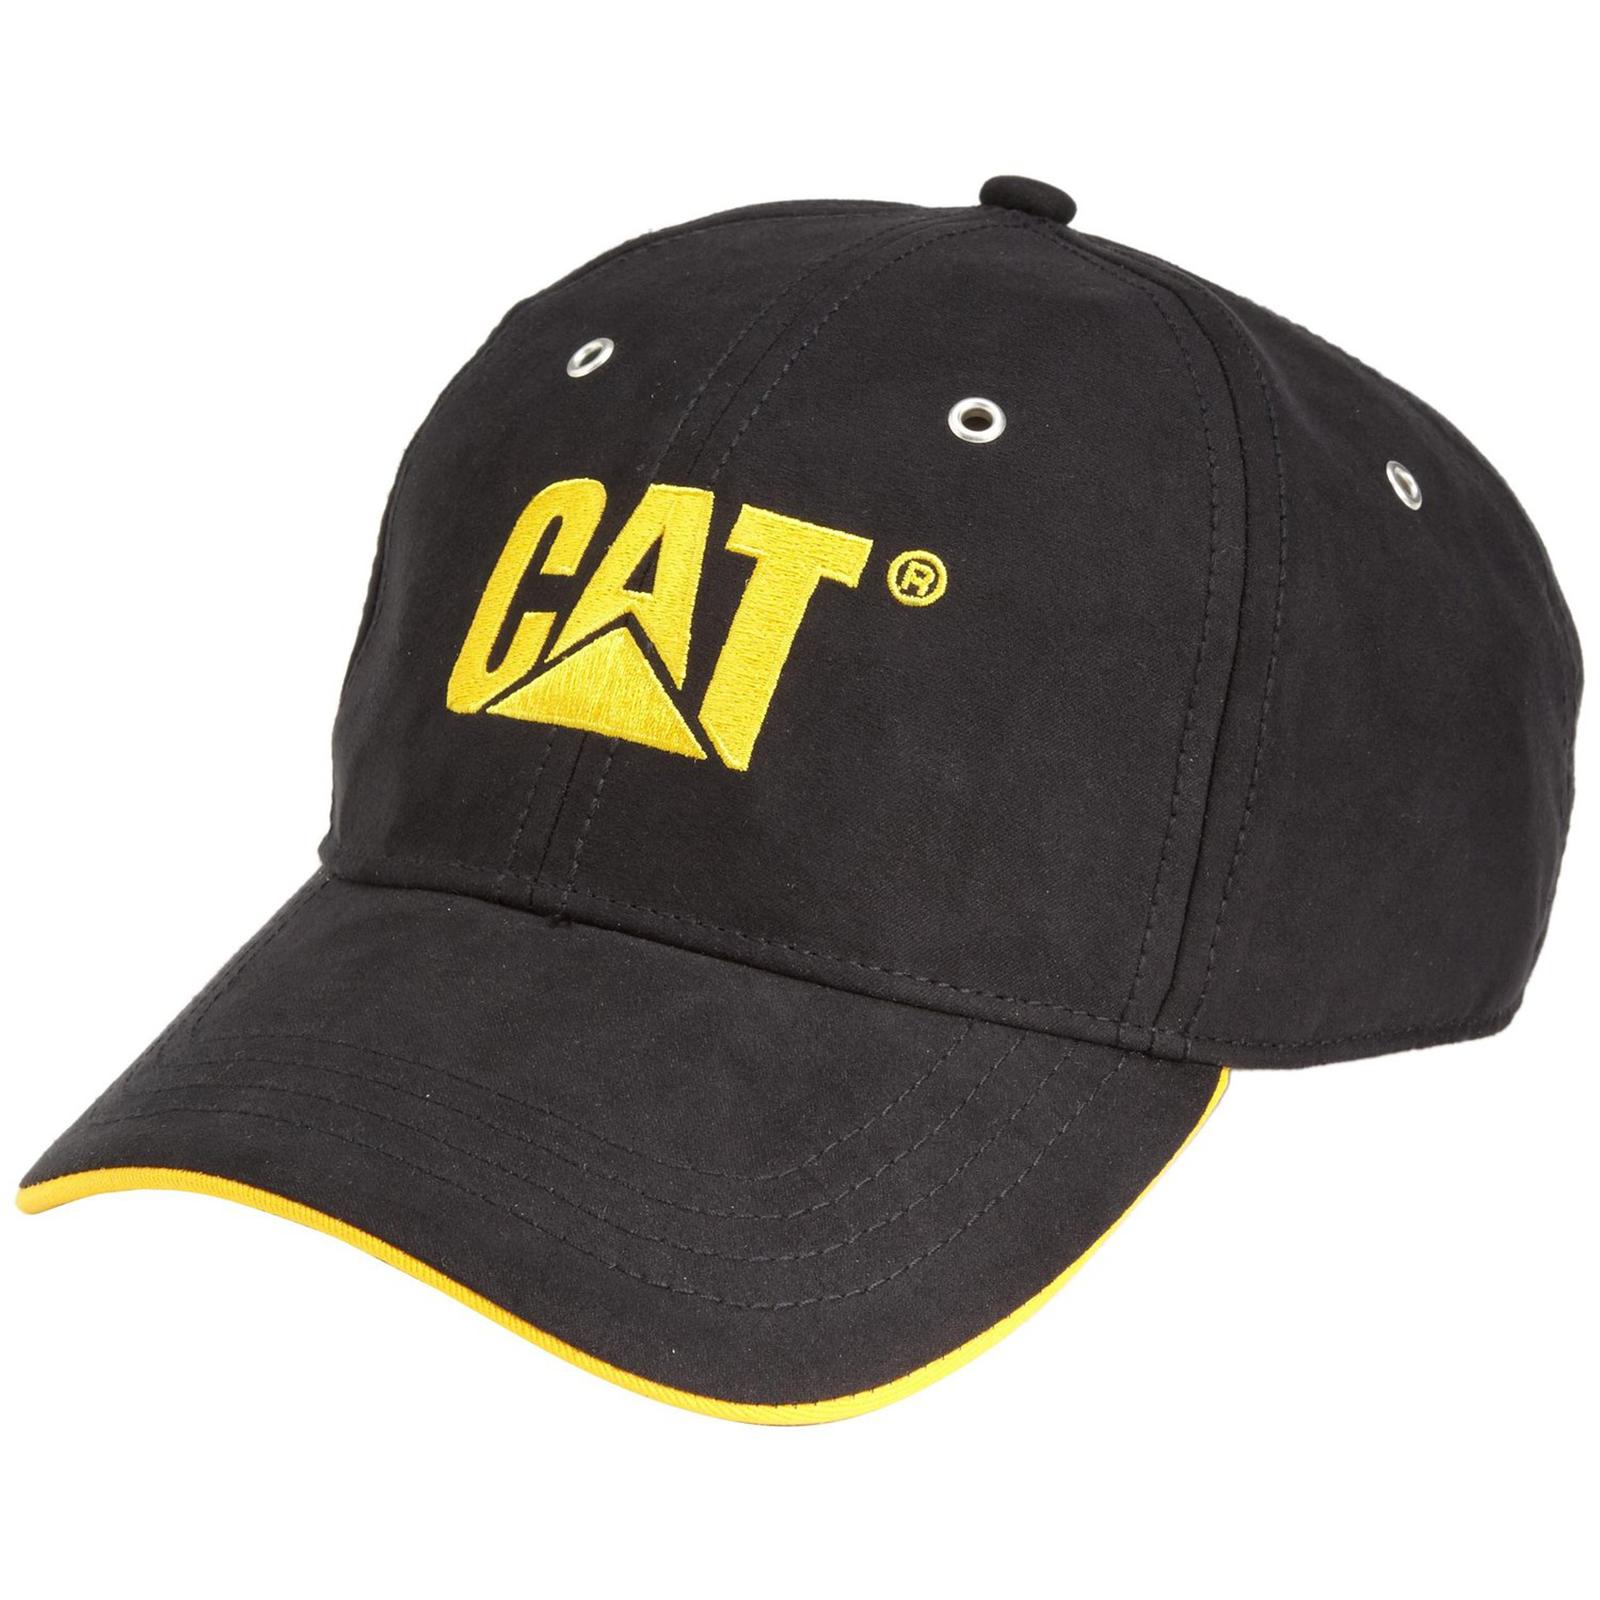 Caterpillar Cat Men S Microsuede Trademark Adjustable